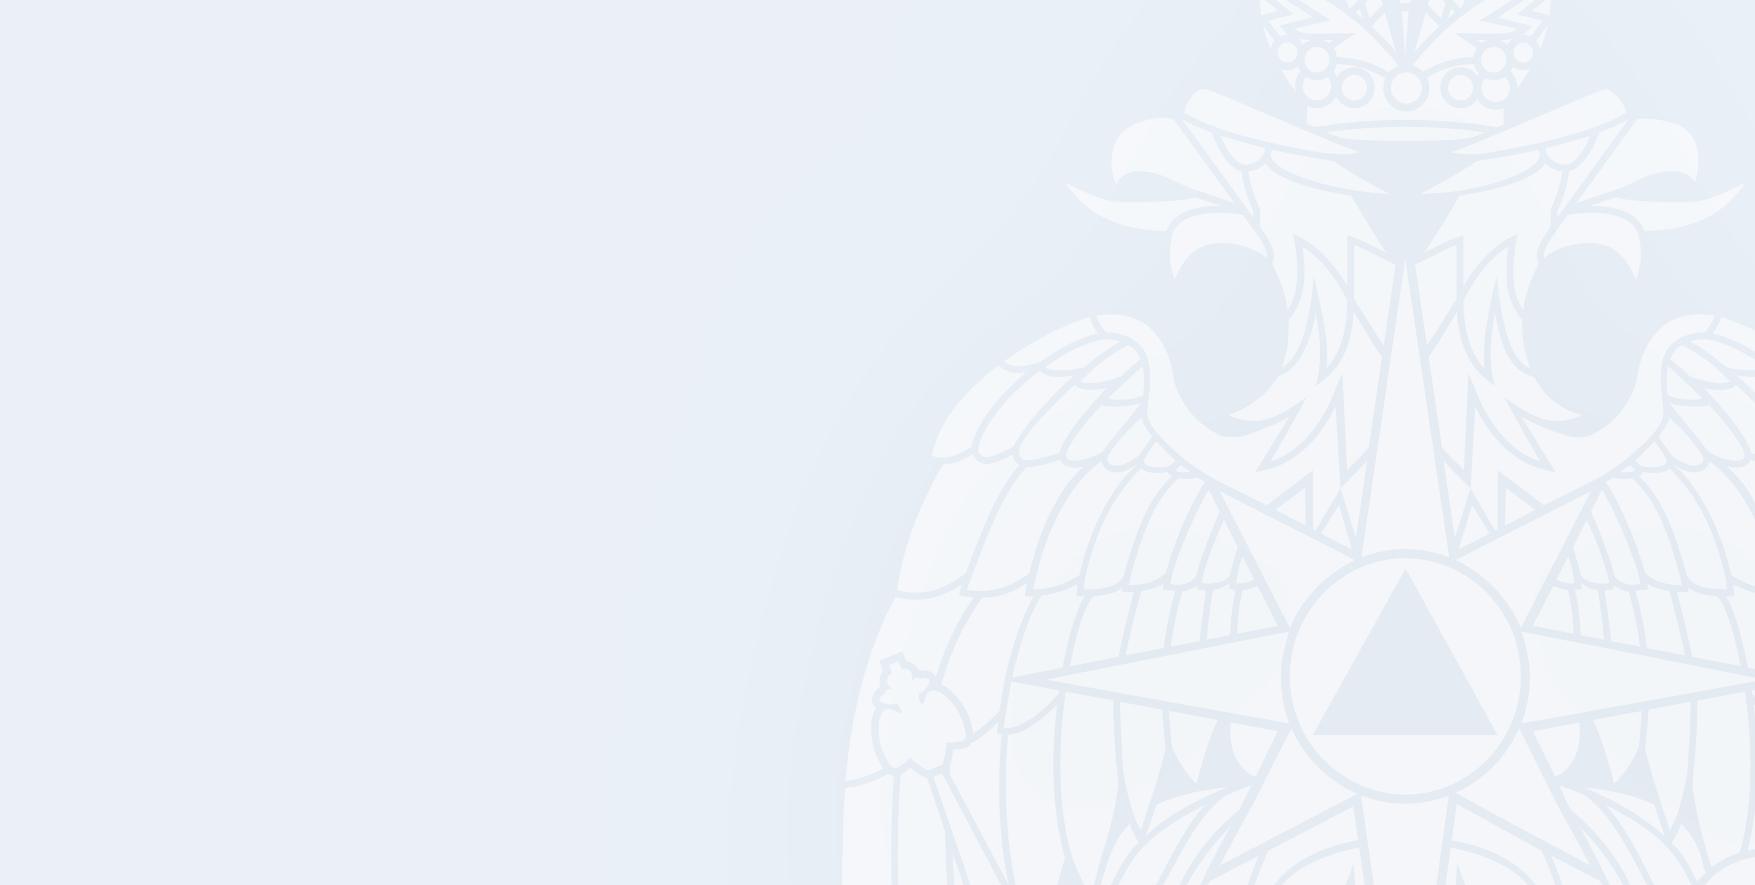 Уничтожение взрывоопасных предметов в Тербунском районе